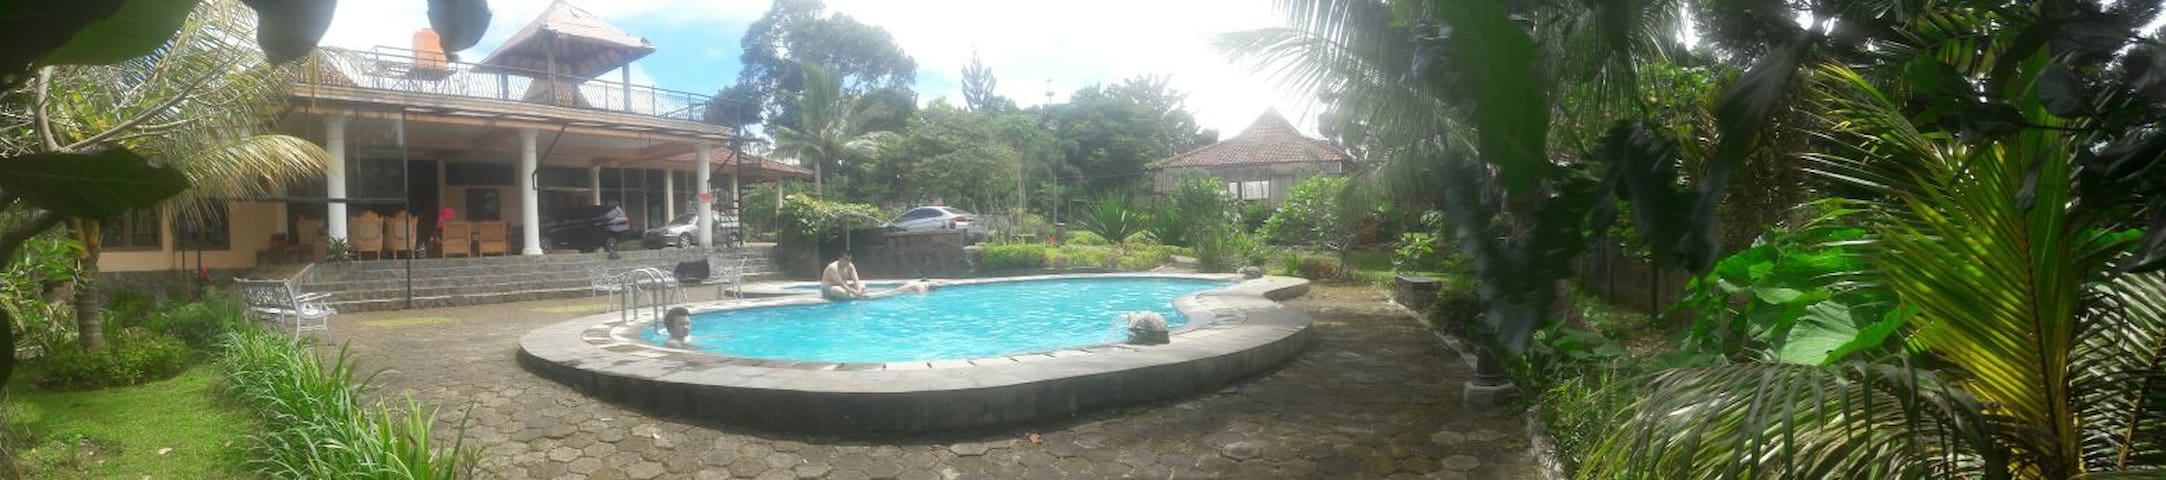 Villa Keraton (5 bedrooms villa in megamendung) - Megamendung - Dům